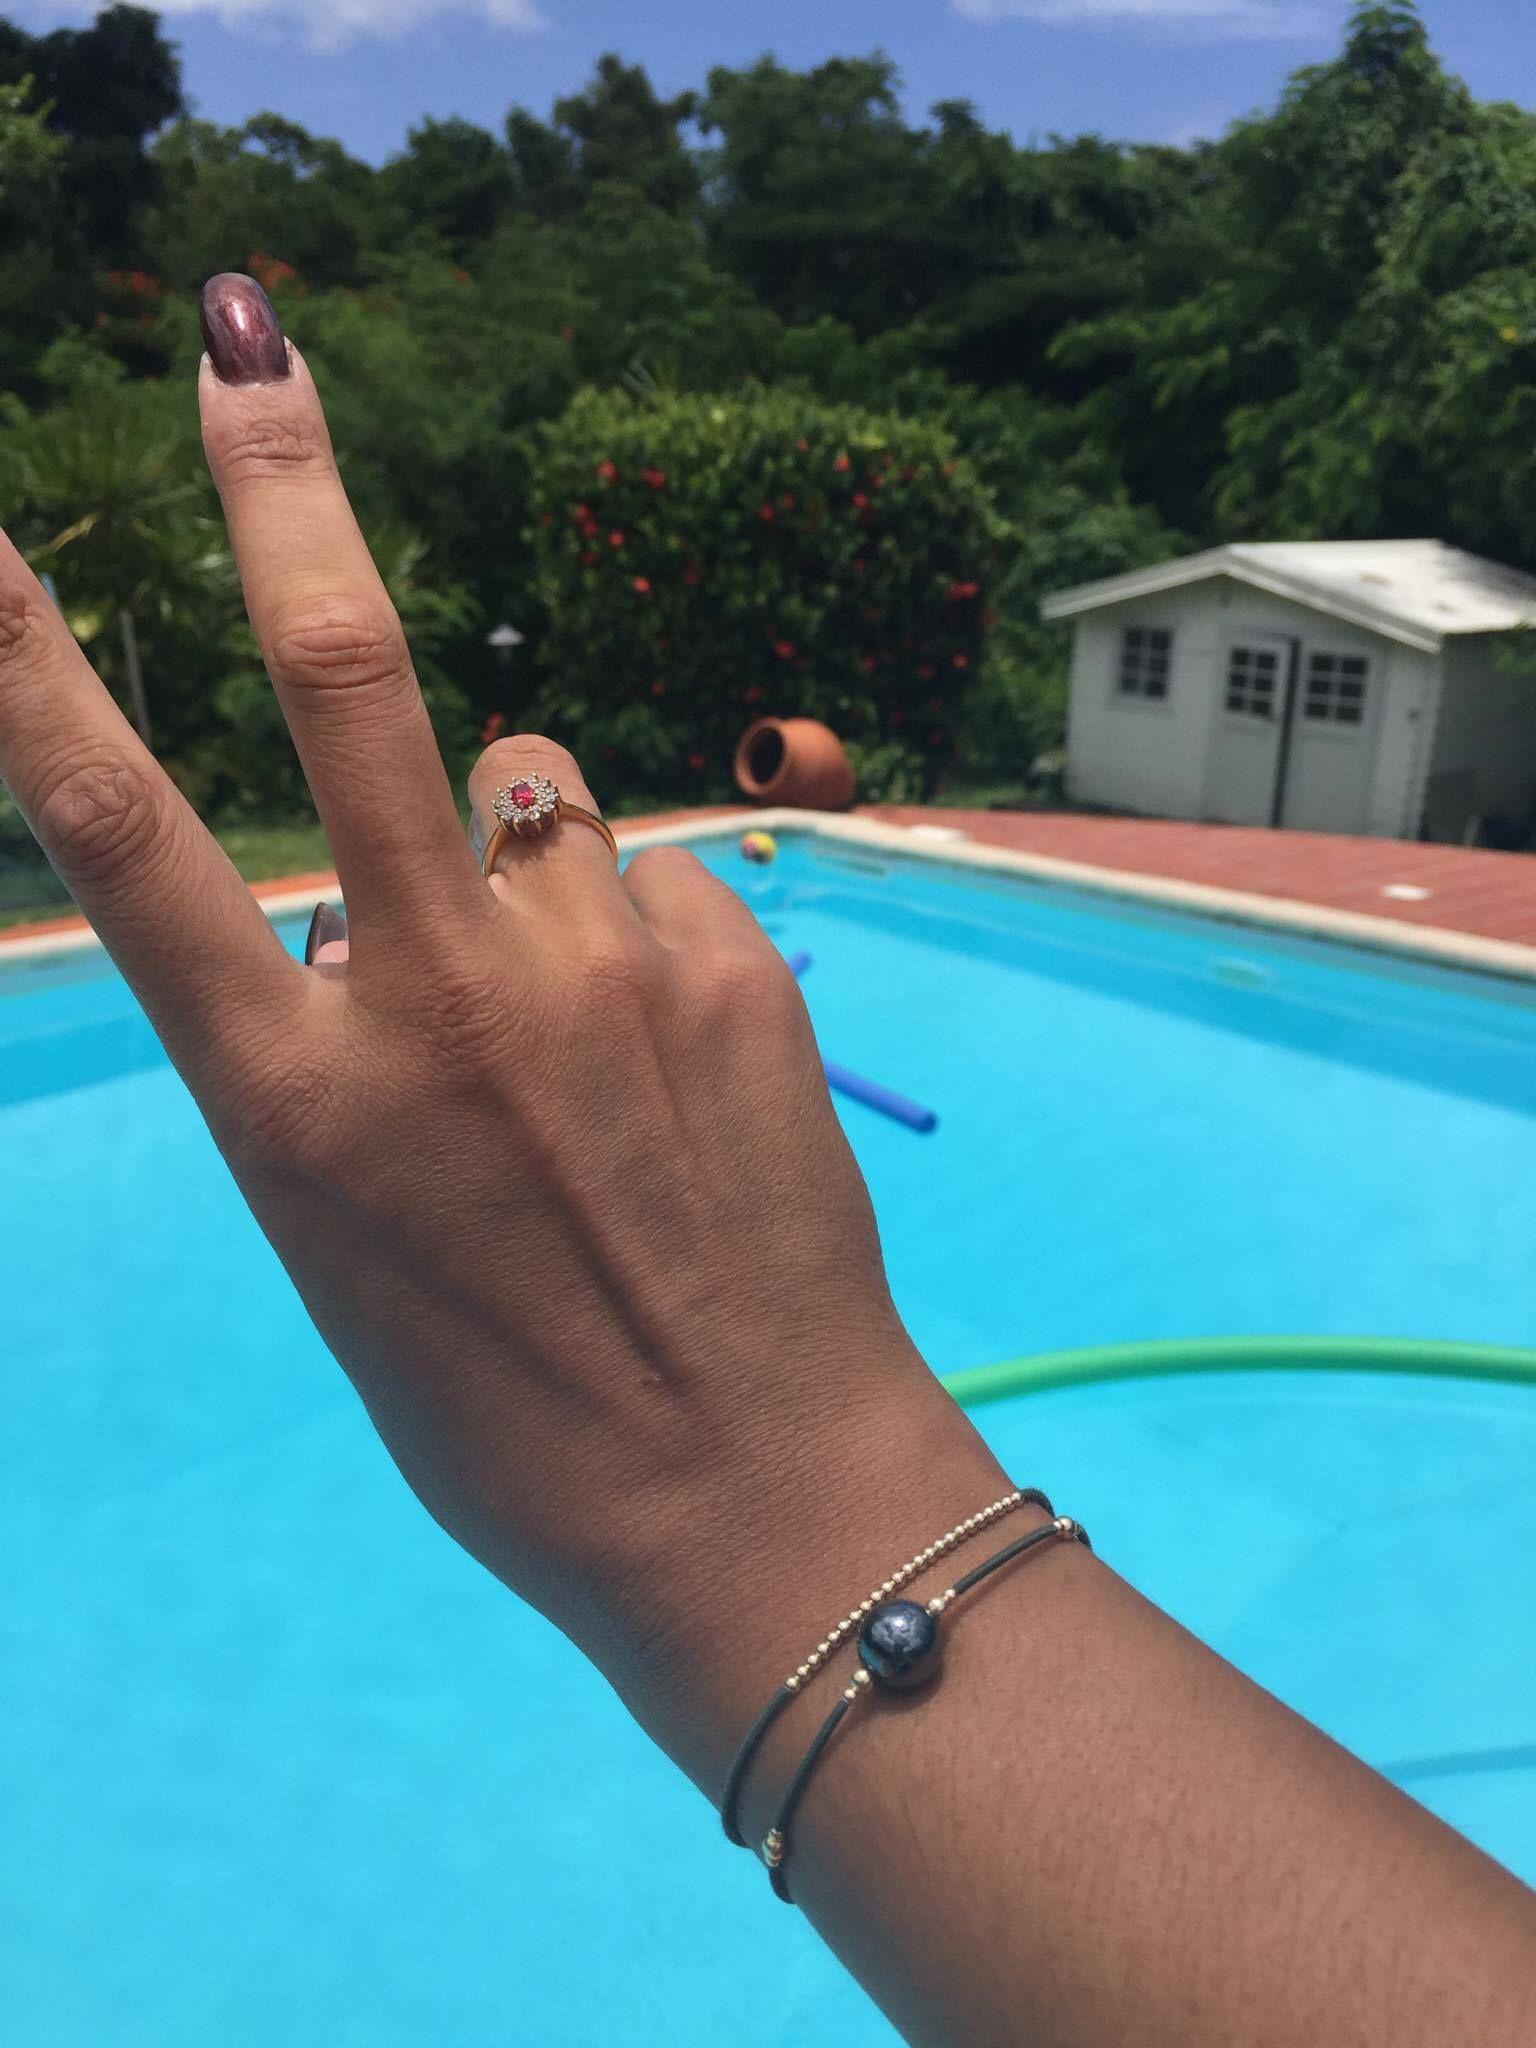 bijoux en argent à la piscine